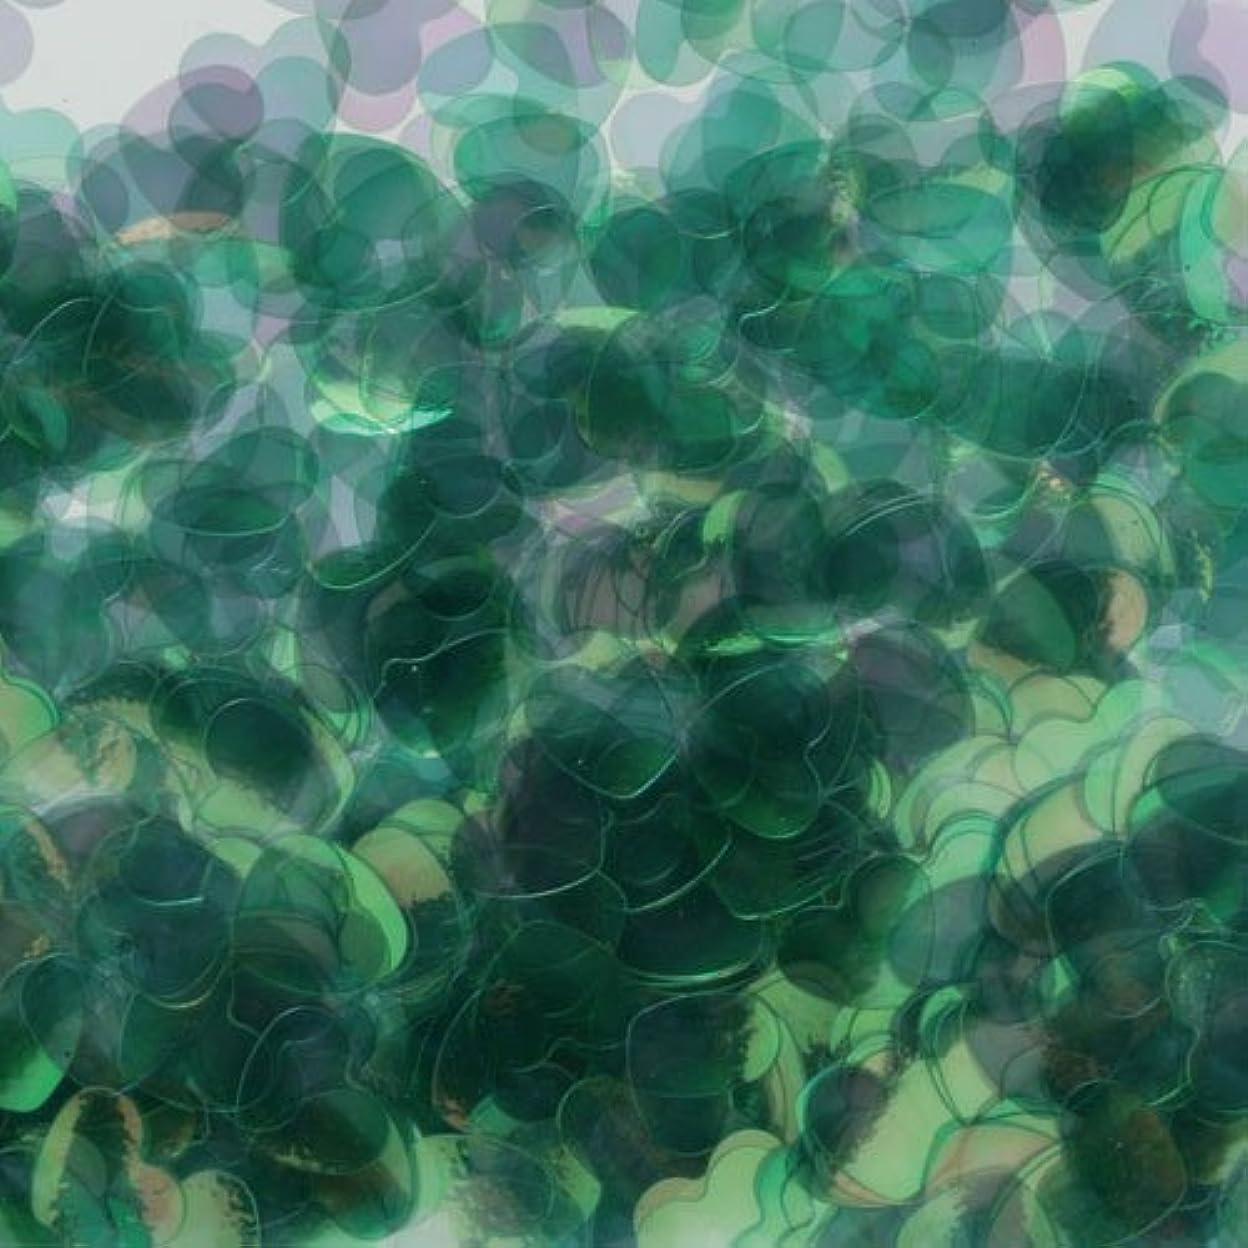 ひどく太字クライマックスピカエース ネイル用パウダー ハートオーロラ 耐溶剤 #790 グリーン 0.5g